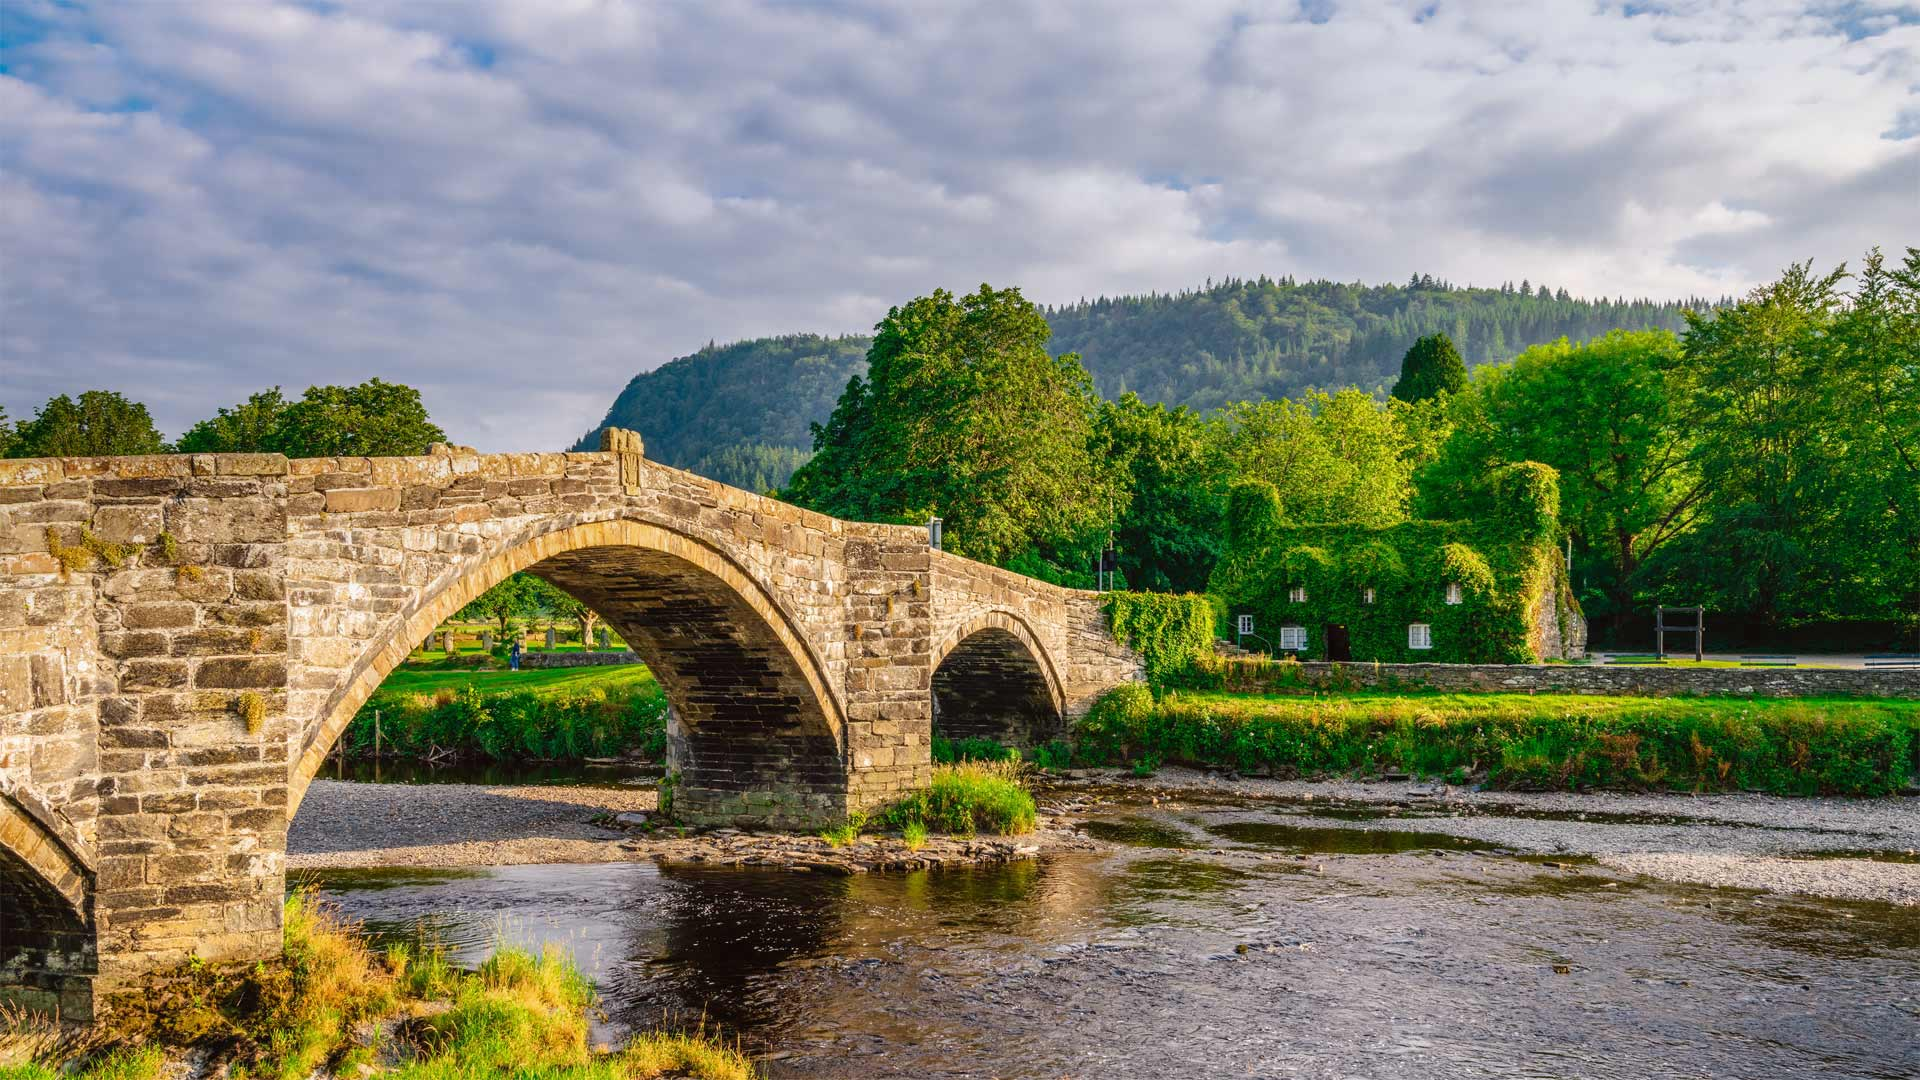 Pont Fawr, a stone arch bridge in Llanrwst, Wales (© Pajor Pawel/Shutterstock)